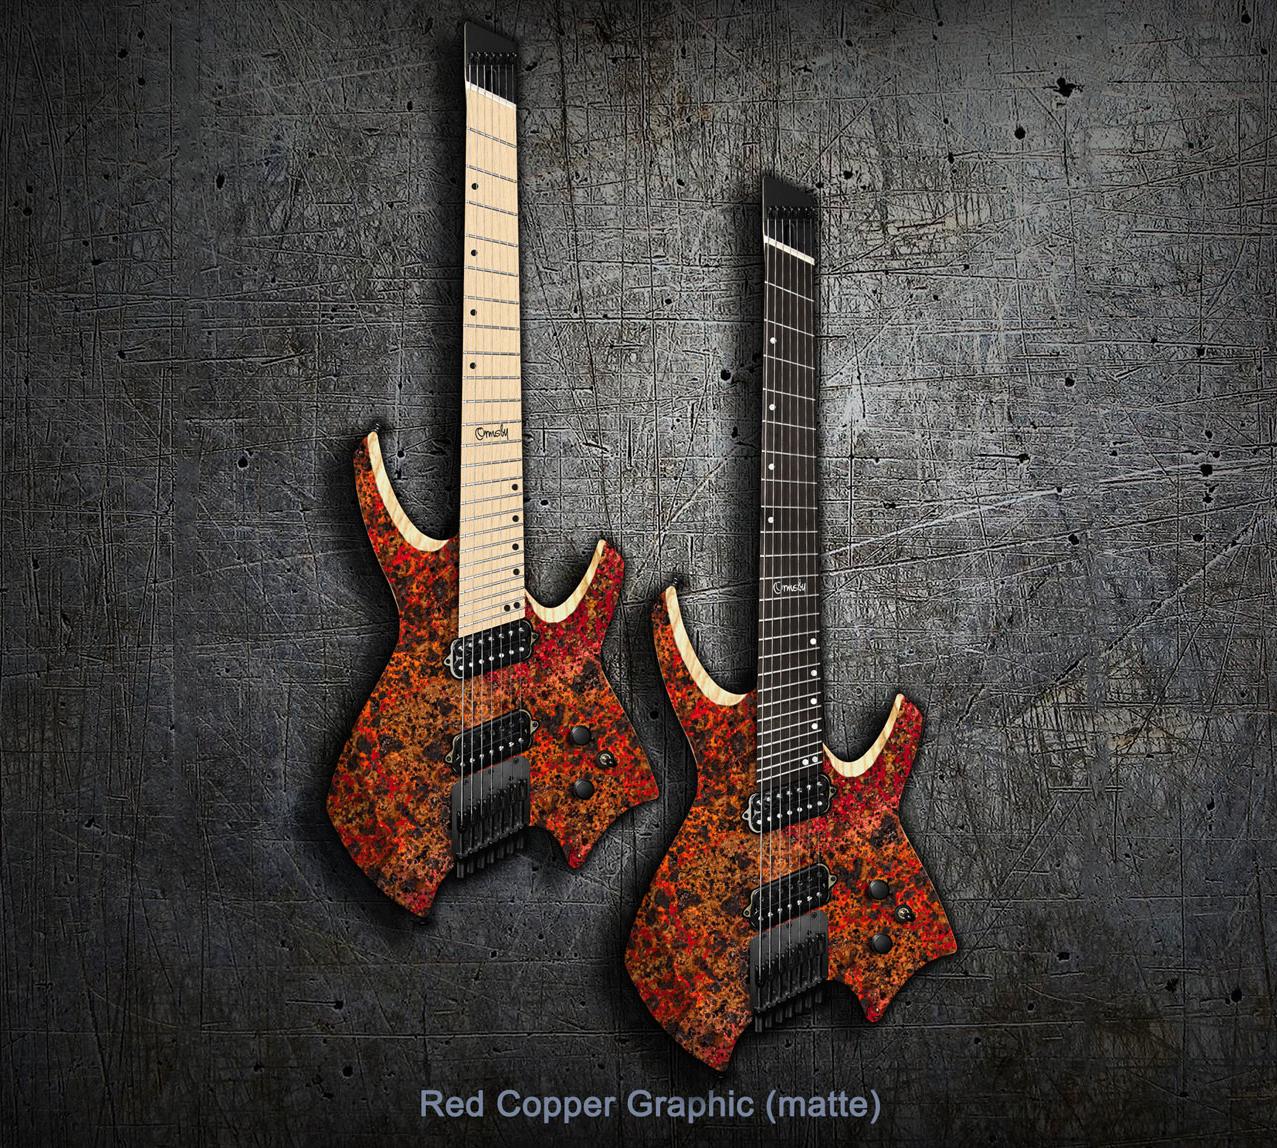 Goliath GTR MULTISCALE - Red Copper Graphic - Ebony or Maple Fretboard